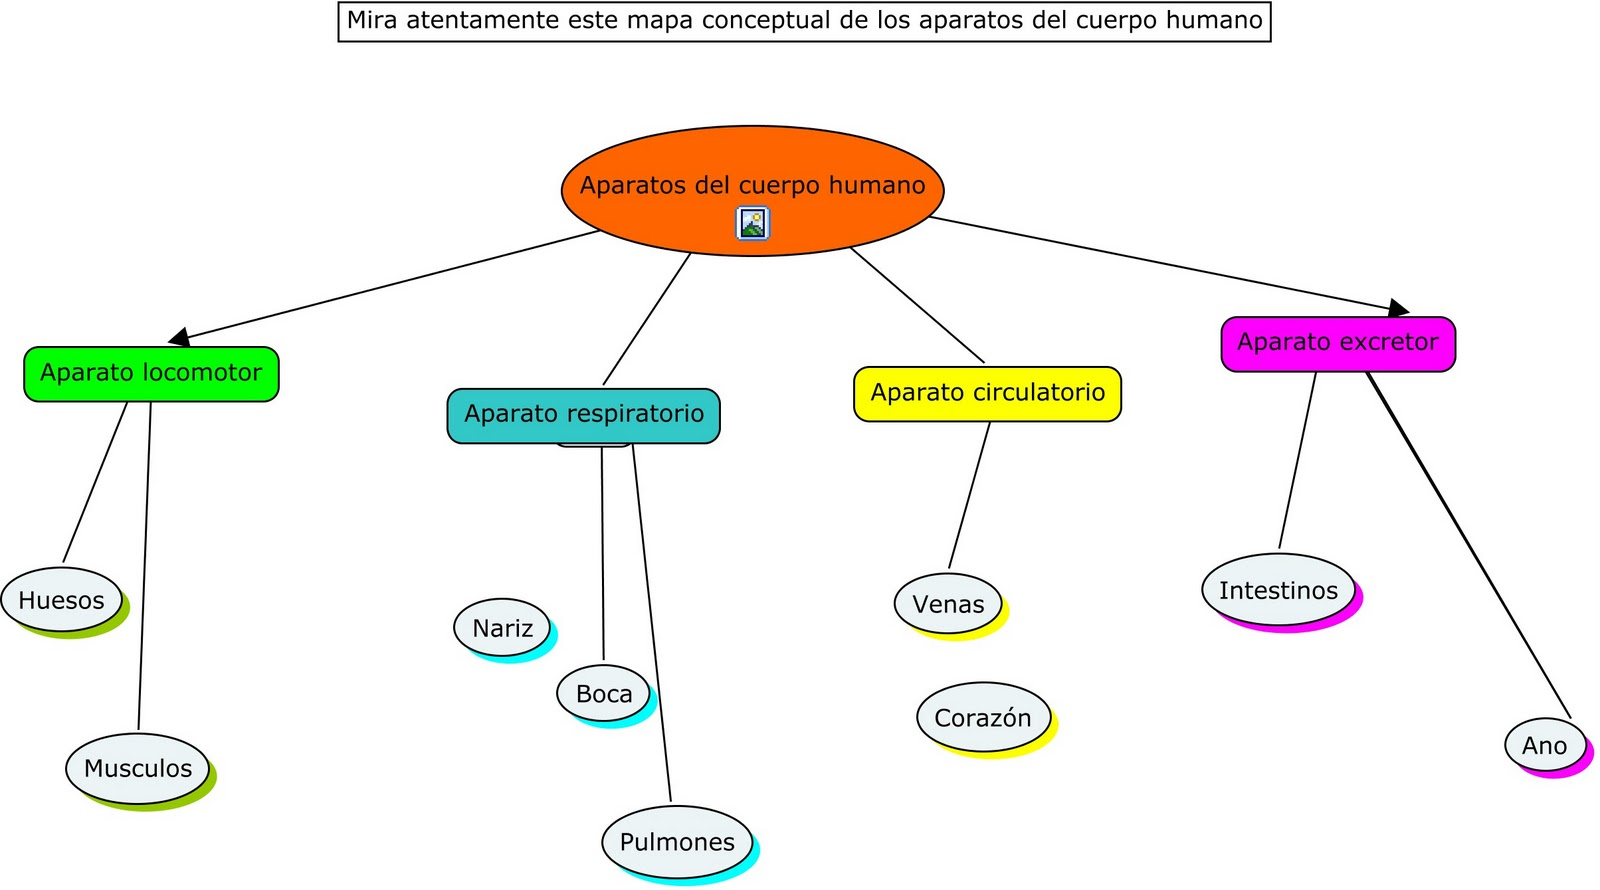 Nuestro Cuerpo Humano: El Cuerpo Humano